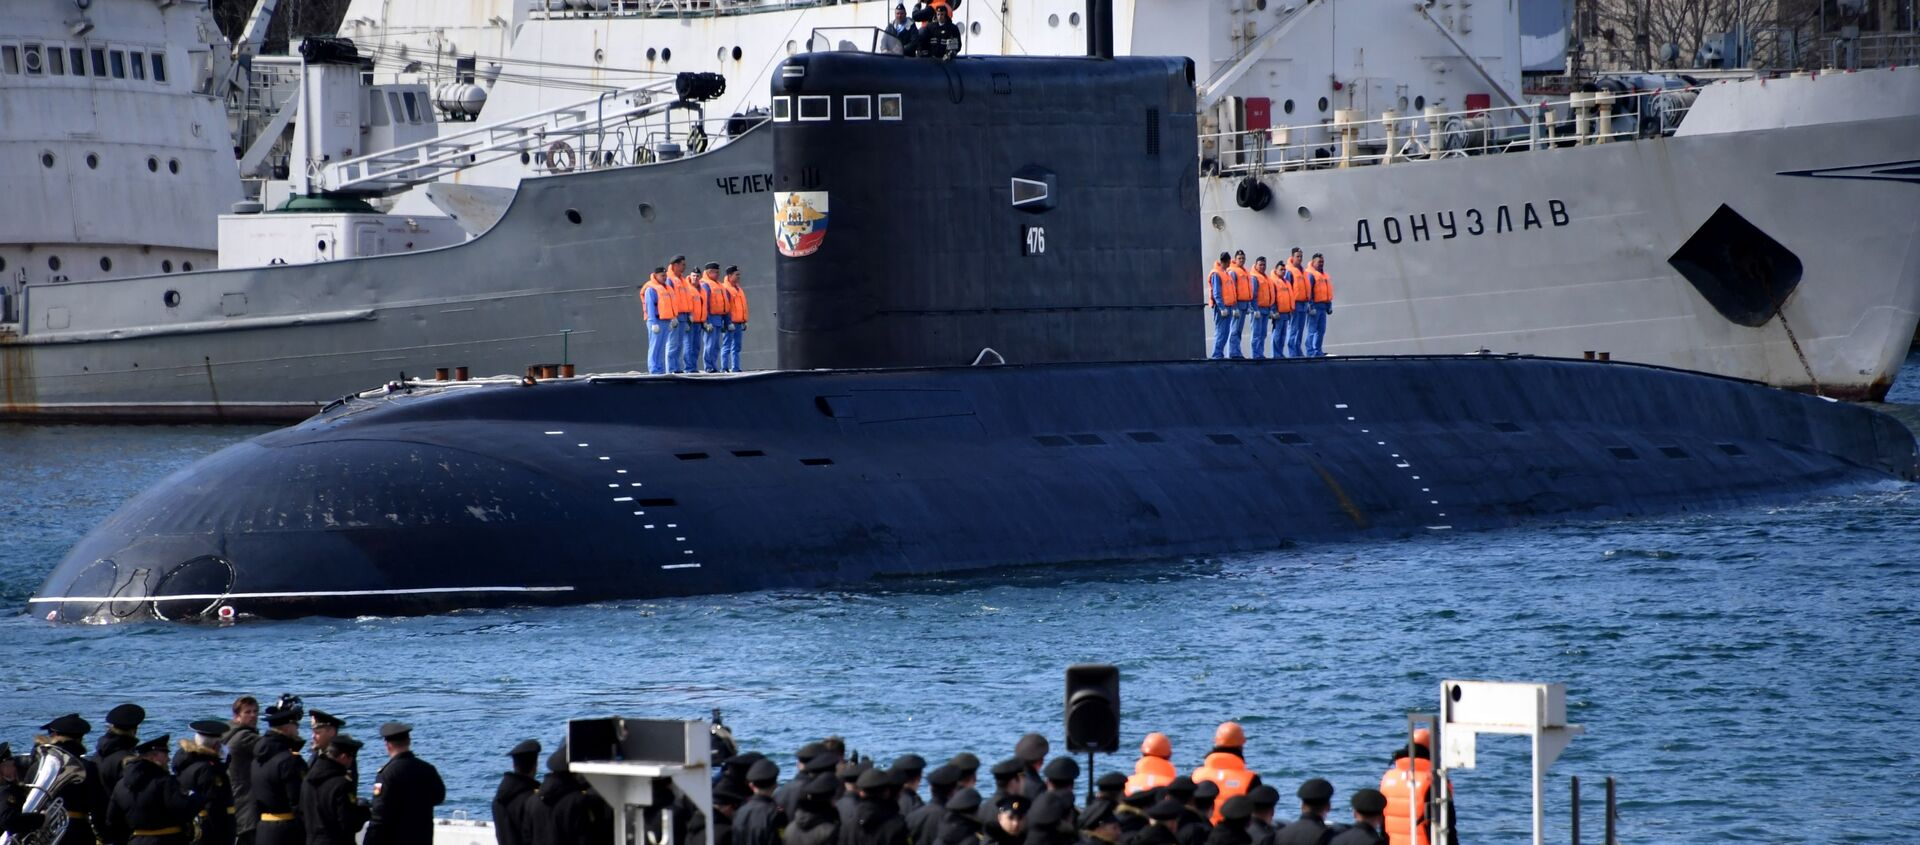 Il sottomarino Velikij Novgorod - Sputnik Italia, 1920, 03.04.2021